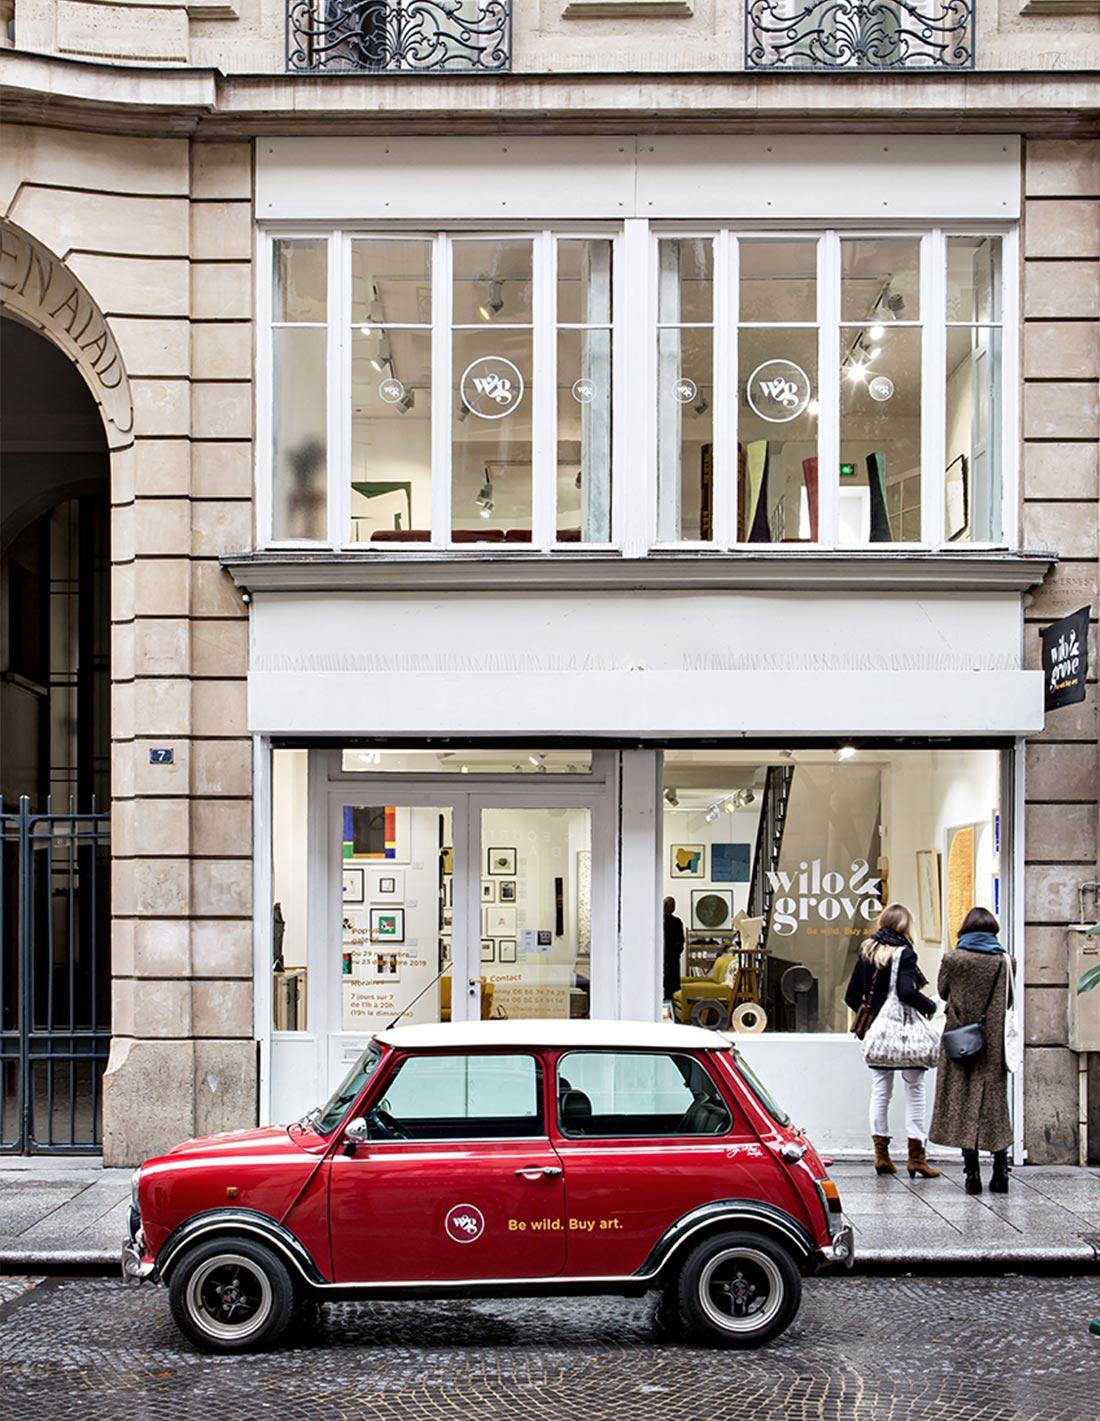 Pop up galerie rue Amelot - Cinquième édition